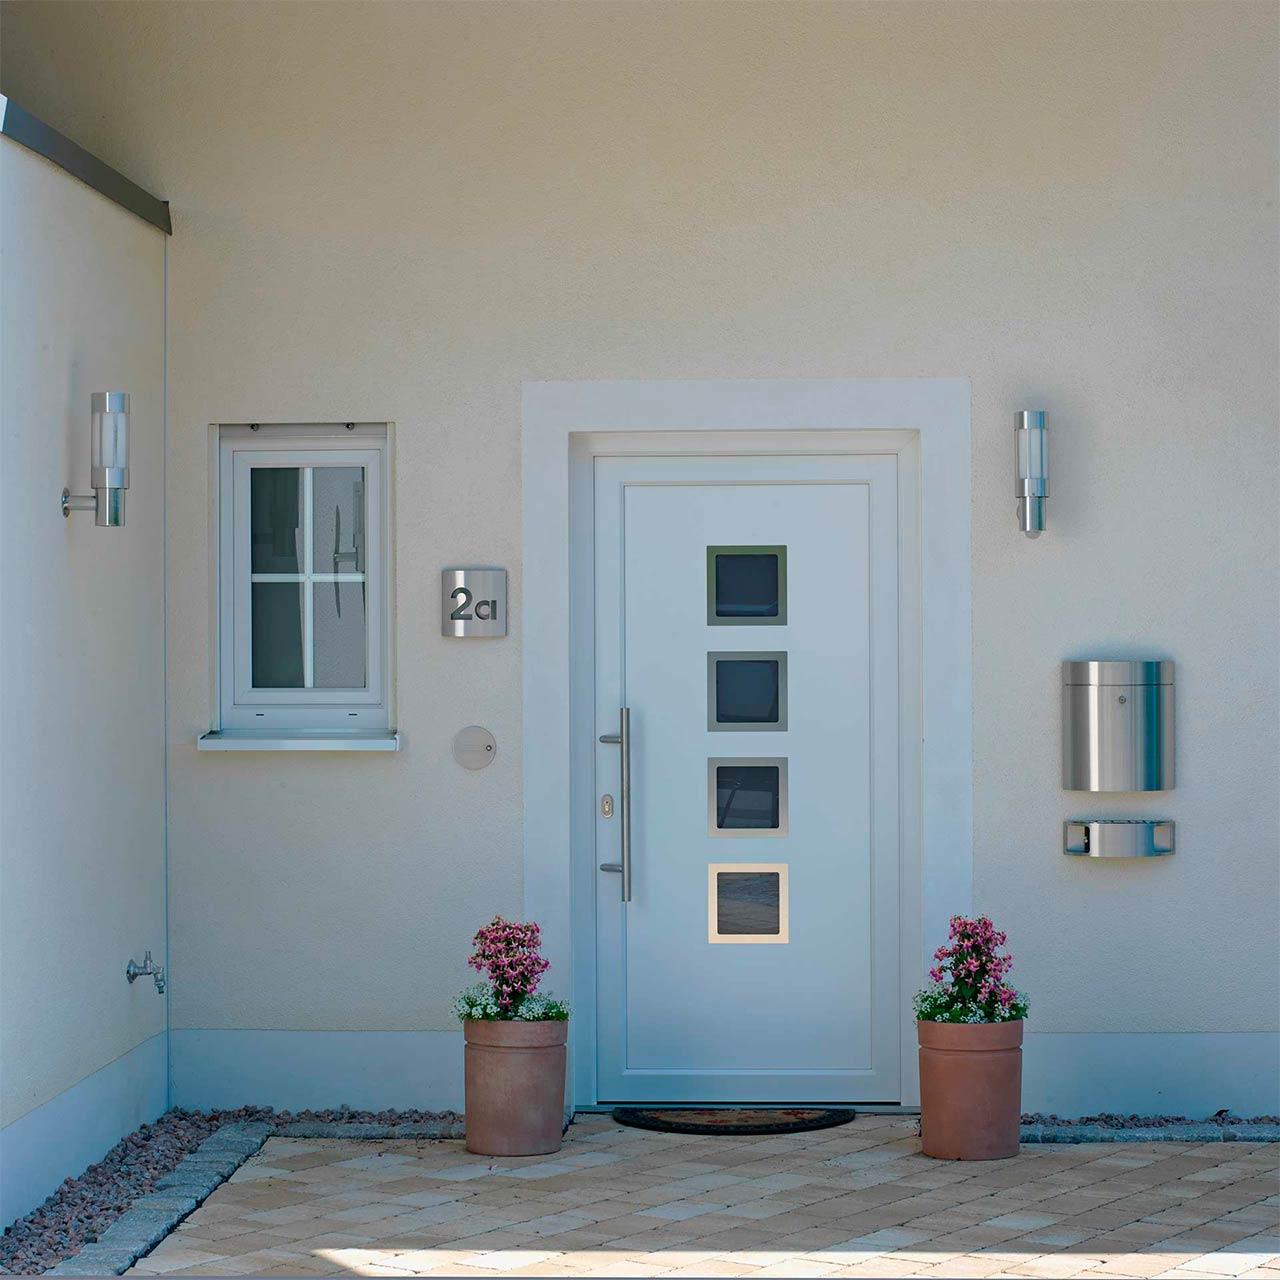 Ein weiß gestrichener Hauseingang mit Blumenkübeln, Hausnummer und Außenleuchten